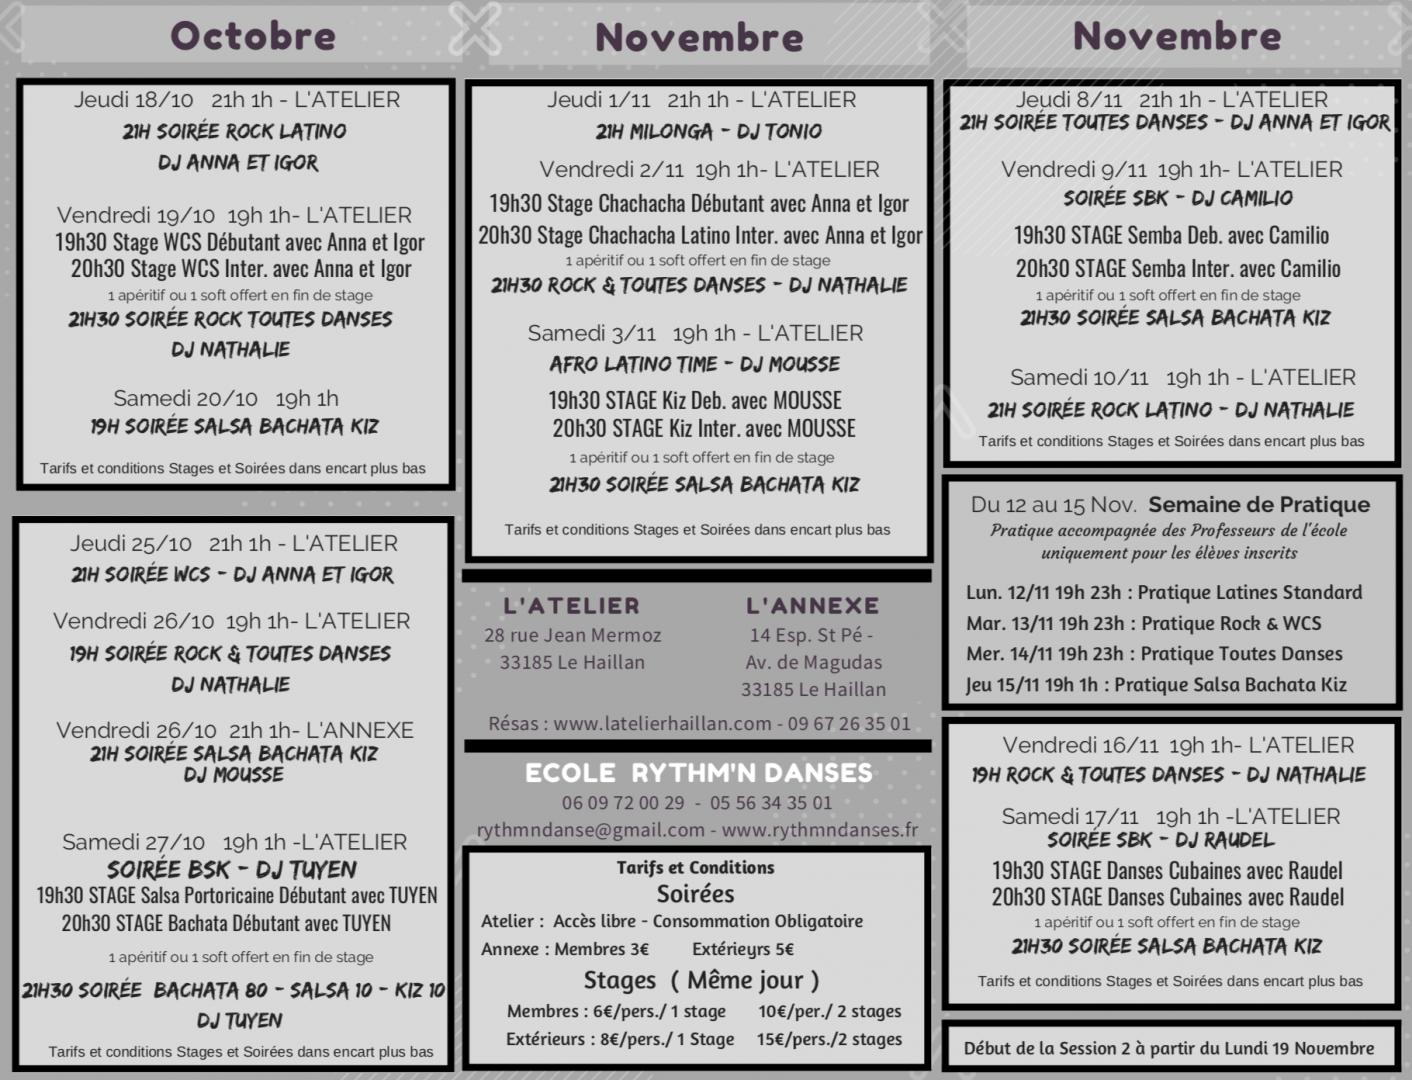 Programmation des soirées du 18 Octobre au 16 Novembre